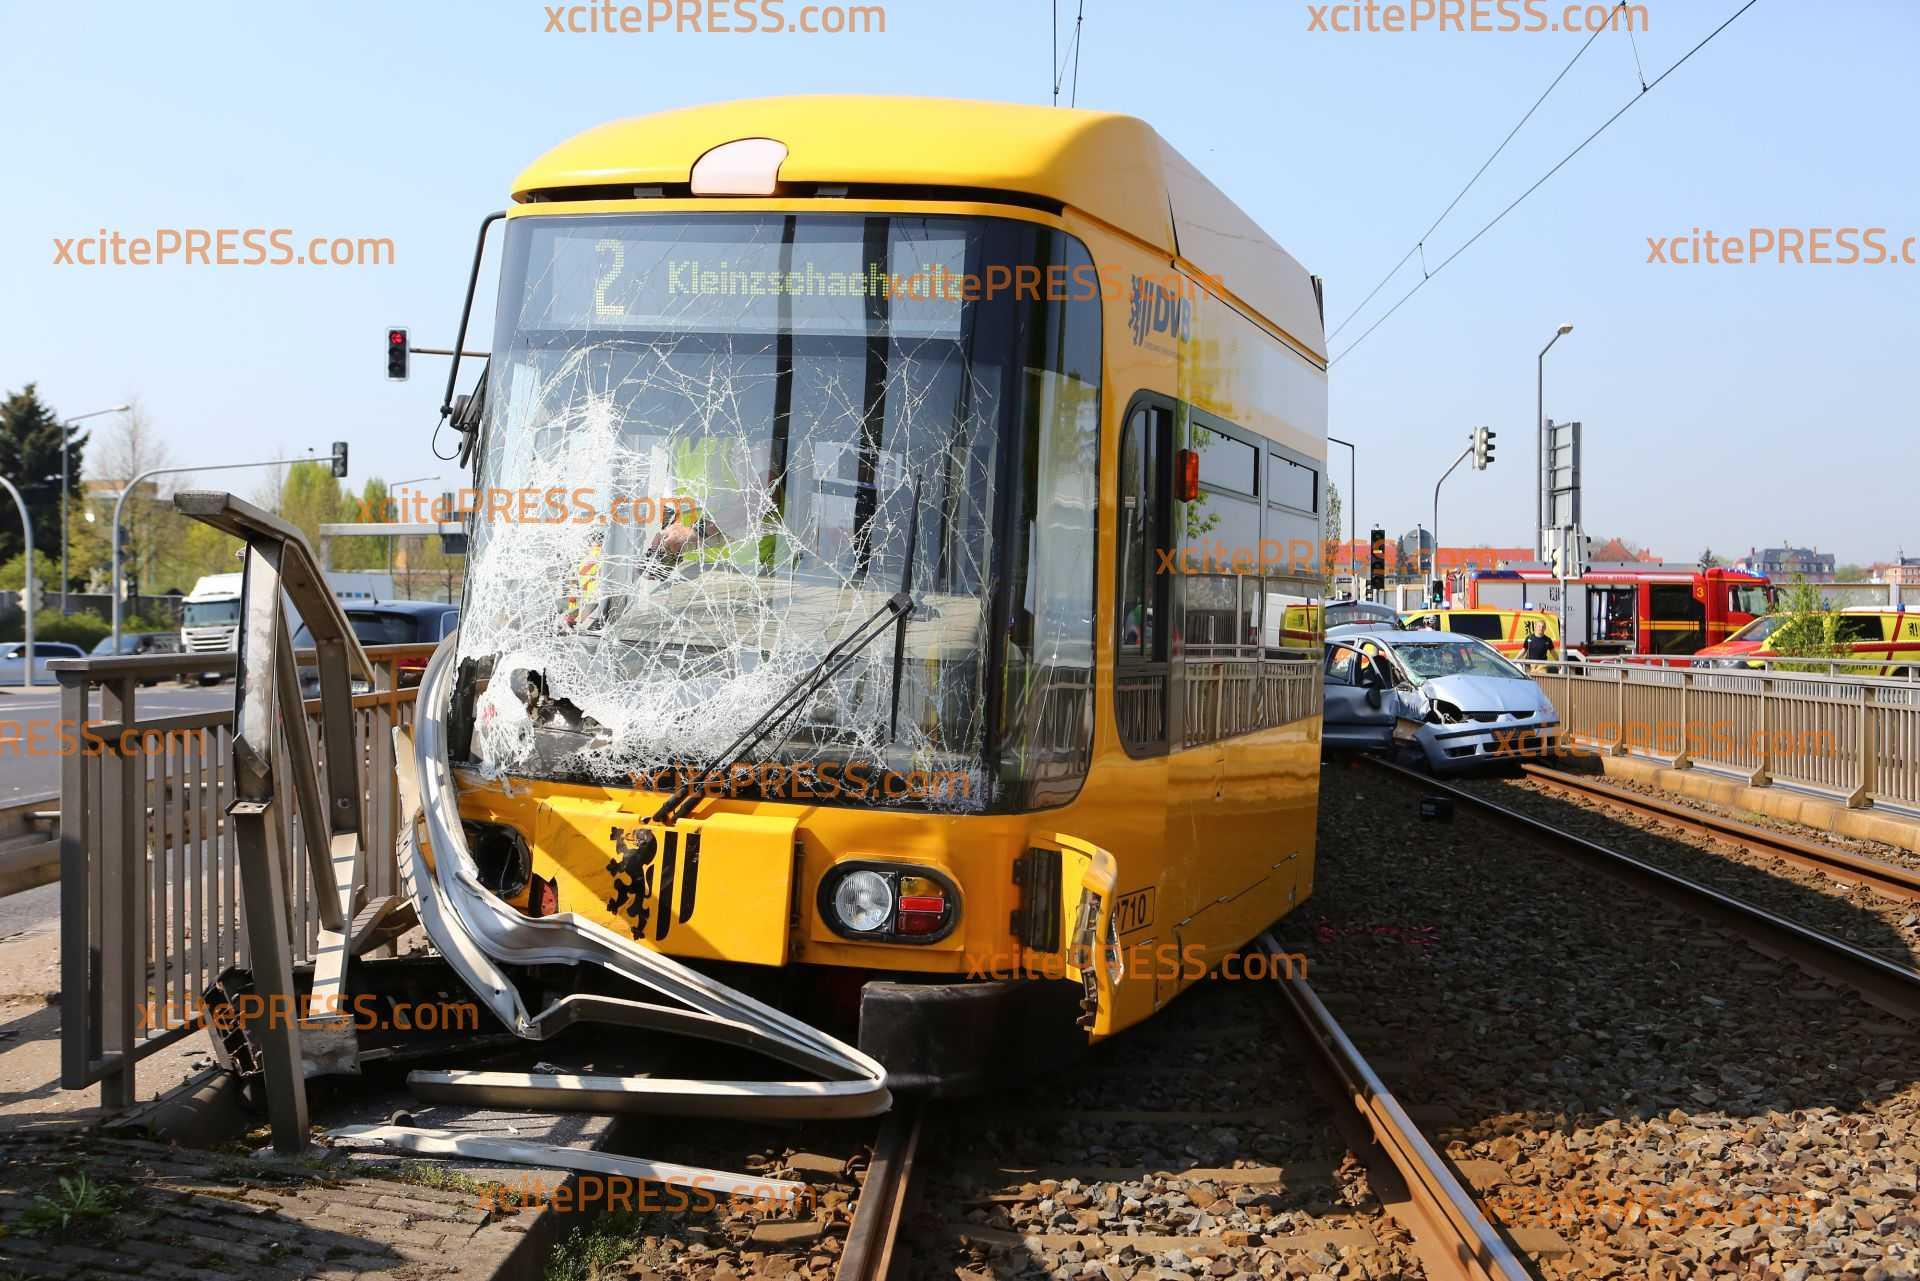 Schwerer Straßenbahnunfall: Tram kollidiert mit PKW: Straßenbahn kollidiert mit Brückengeländer und entgleist, mindestens 2 Verletzte